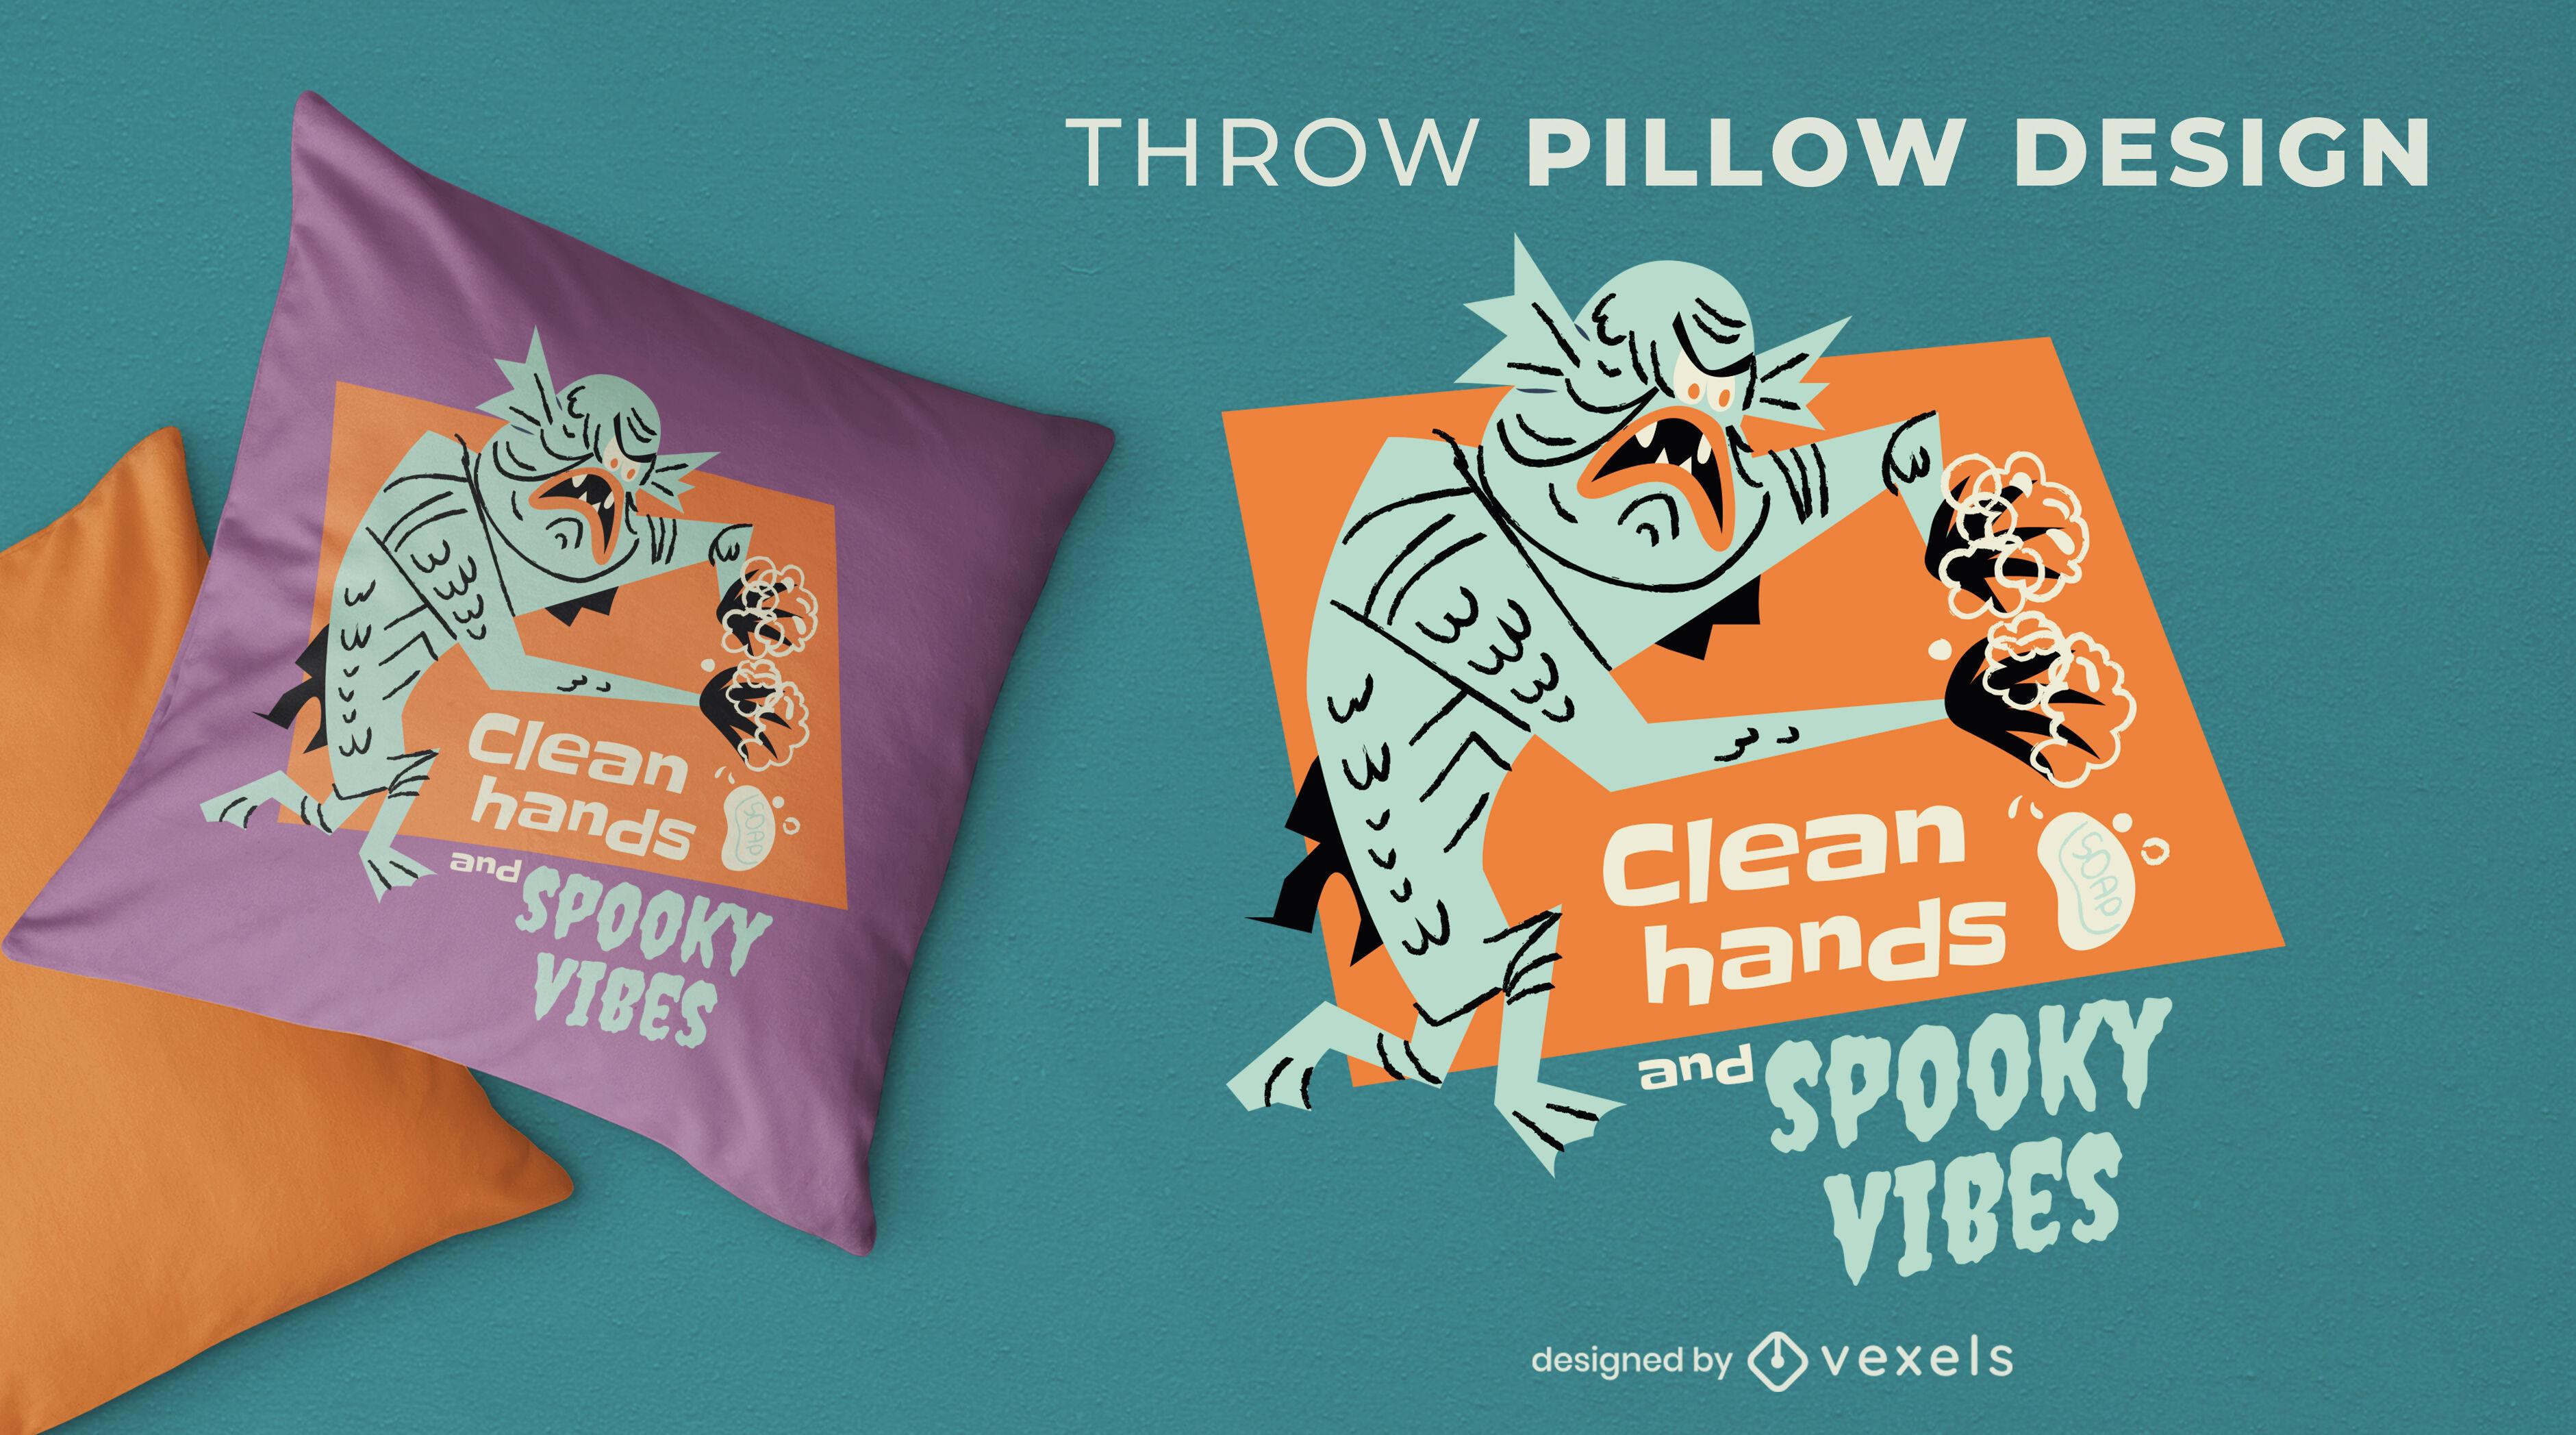 Covid diseño de almohada de tiro de halloween